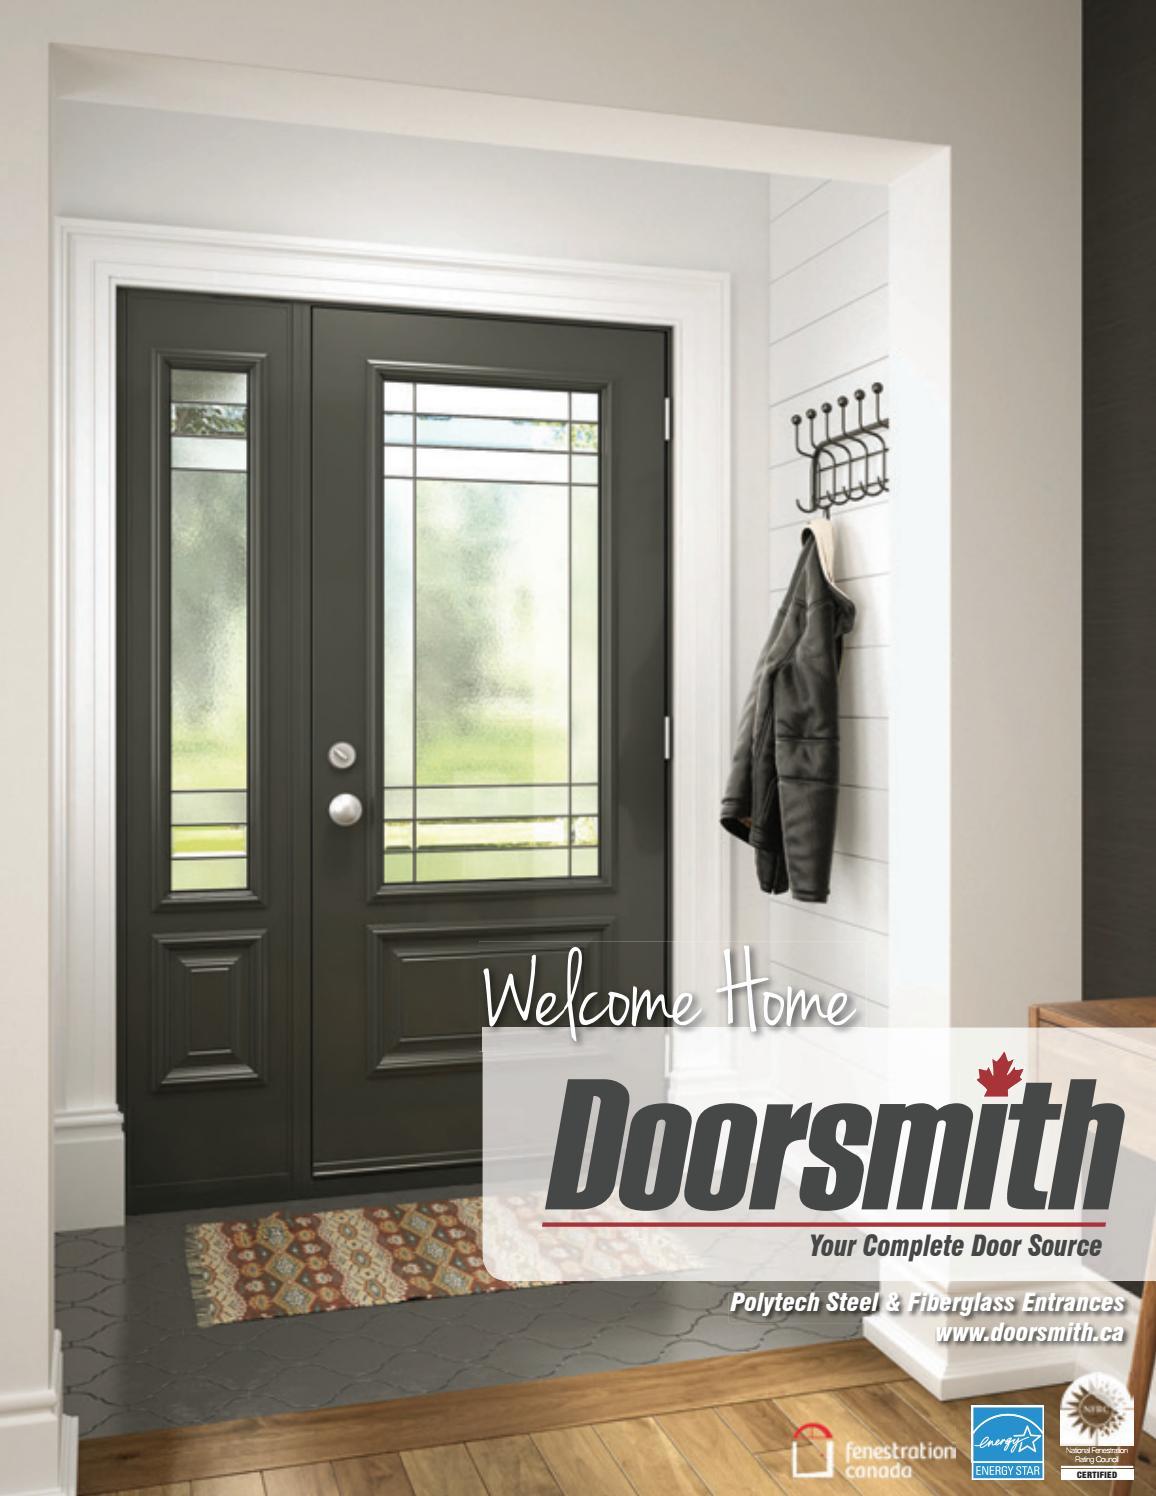 Doorsmith welcome home exterior door brochure by cansave